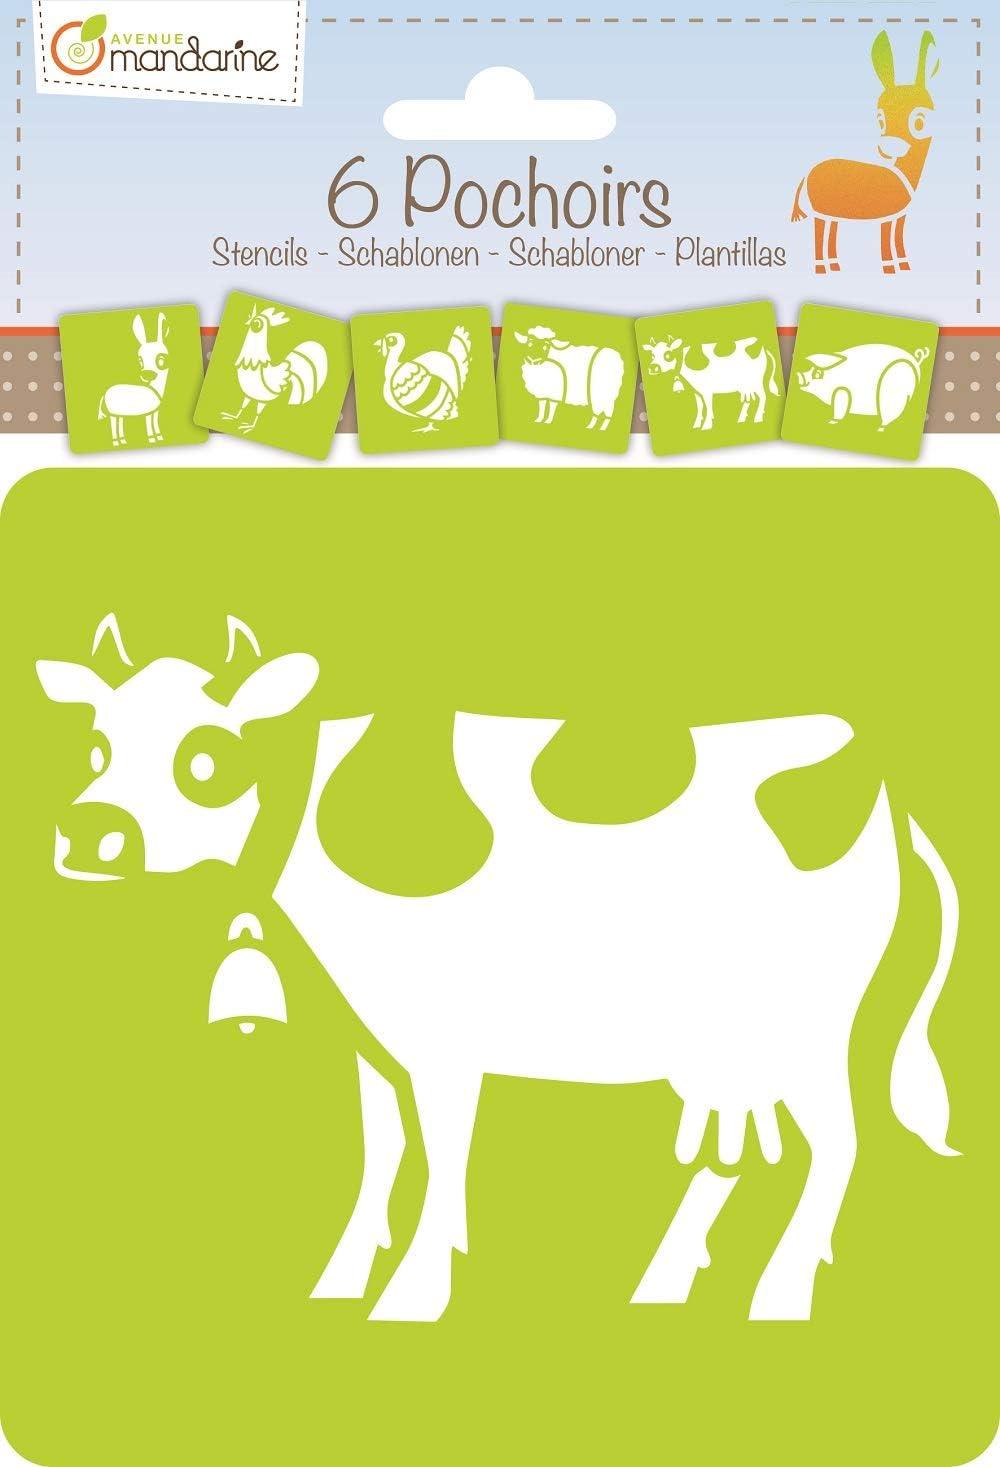 Avenue Mandarine 42450MD Set 6er Pack mit 6 Schablonen, 15 x 15 cm, geeignet f/ür Kinder ab 3 Jahre, f/ür Filz- und Farbstifte, Farben oder Farbbomben, Alphabet